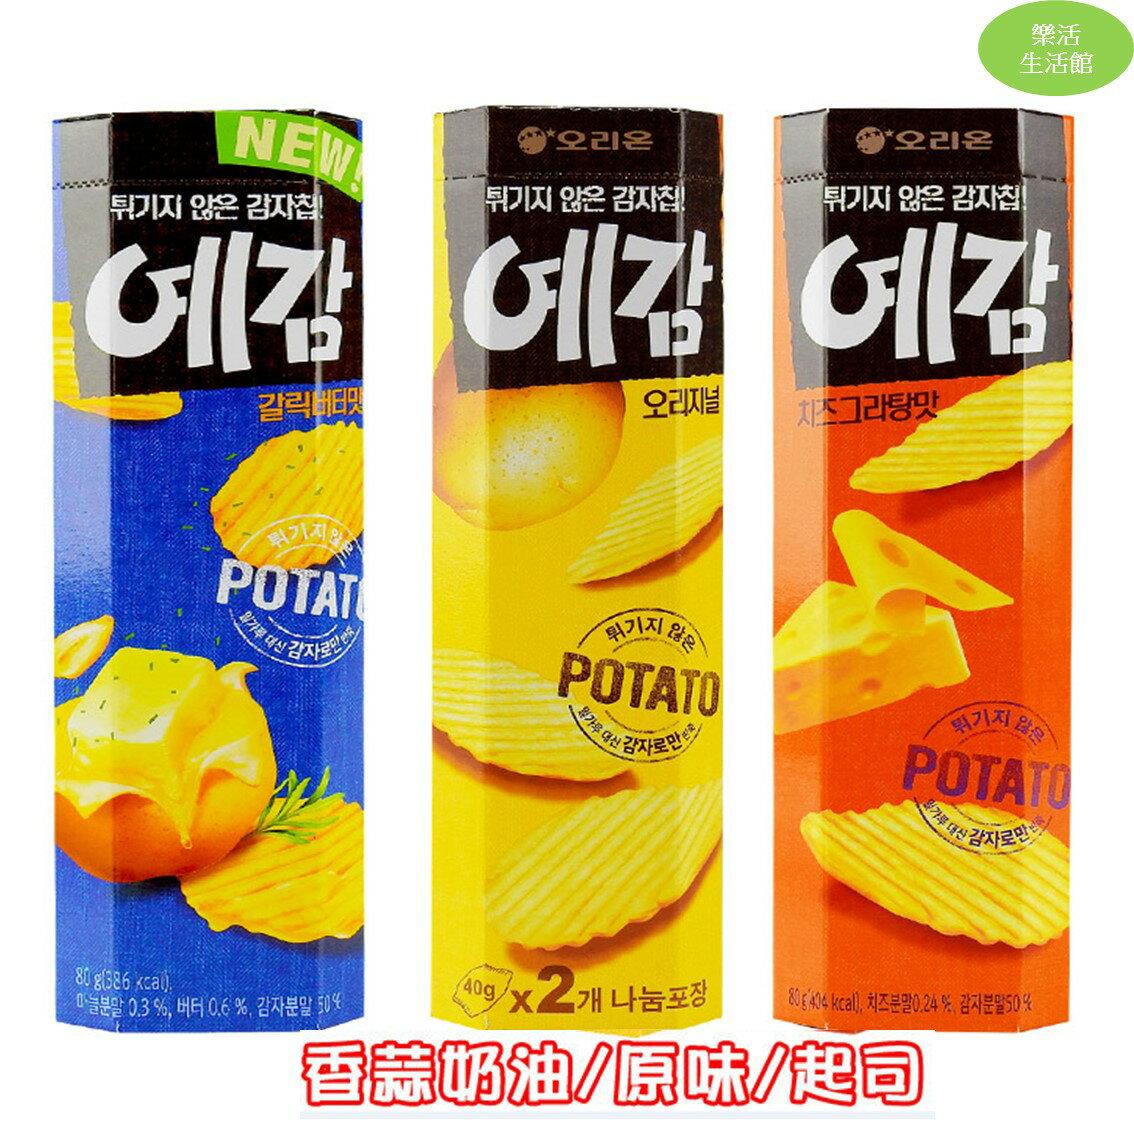 韓國新款好麗友ORION預感烘焙洋芋片80g 原味 起司 香蒜奶油 【樂活生活館】